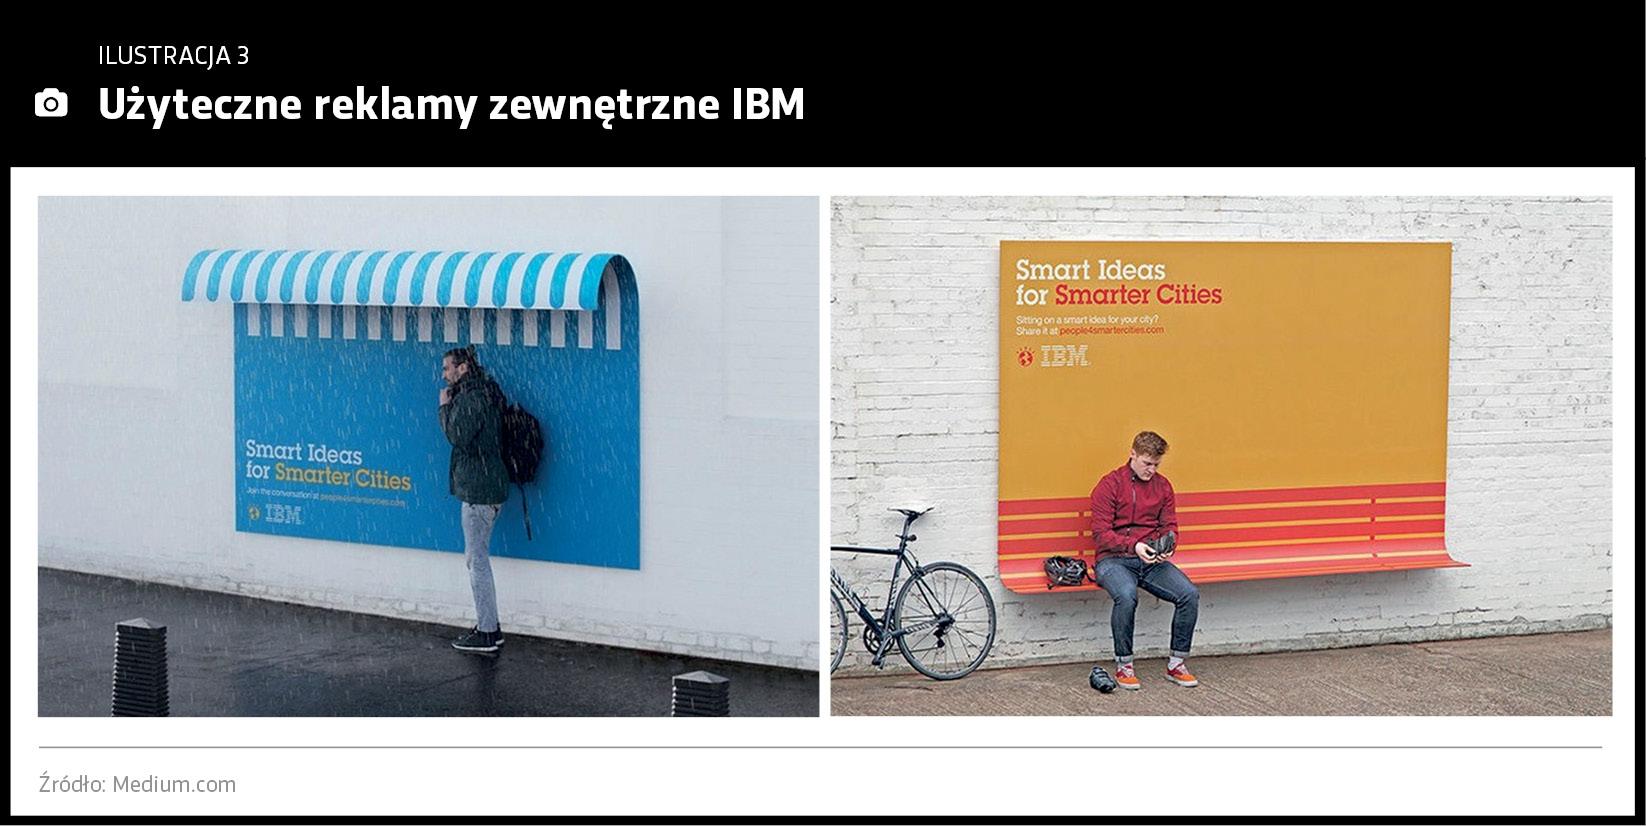 Użyteczne reklamy zewnętrzne IBM